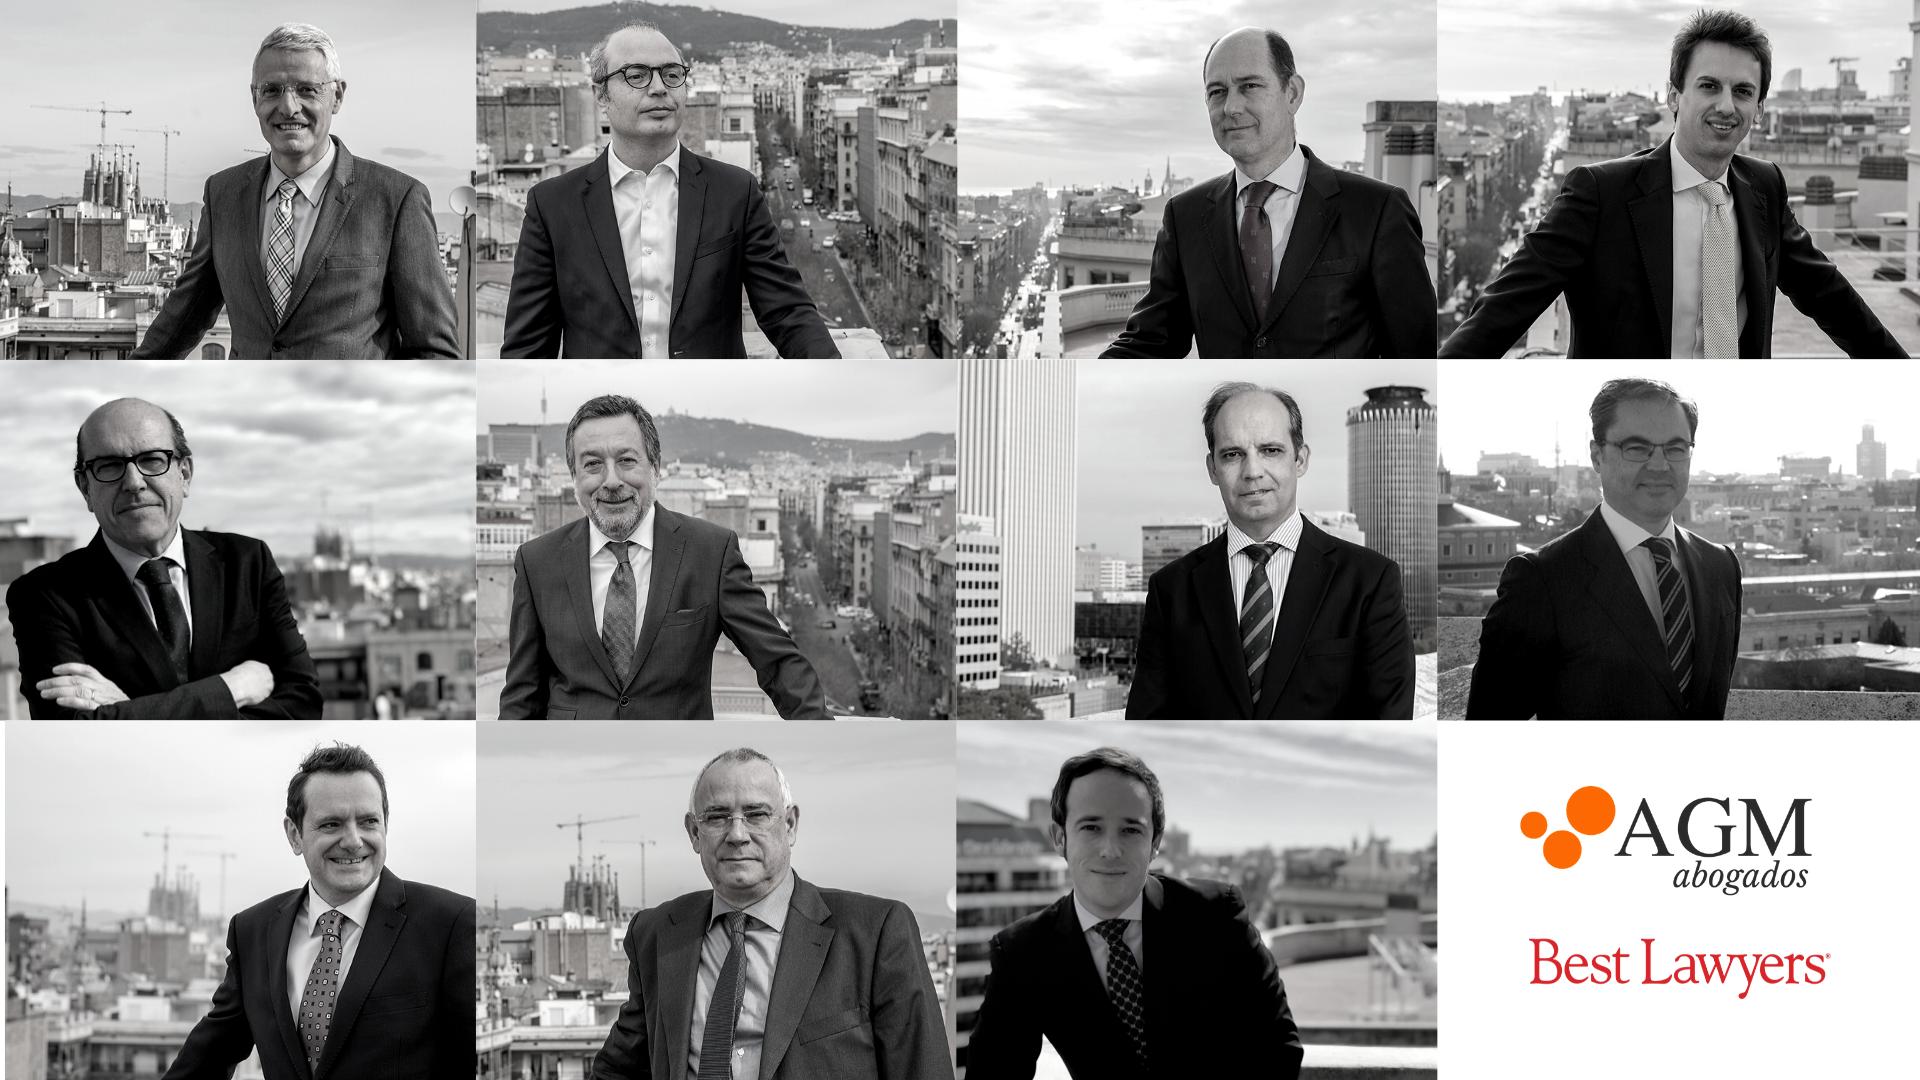 11 abogados de AGM Abogados reconocidos por Best Lawyers